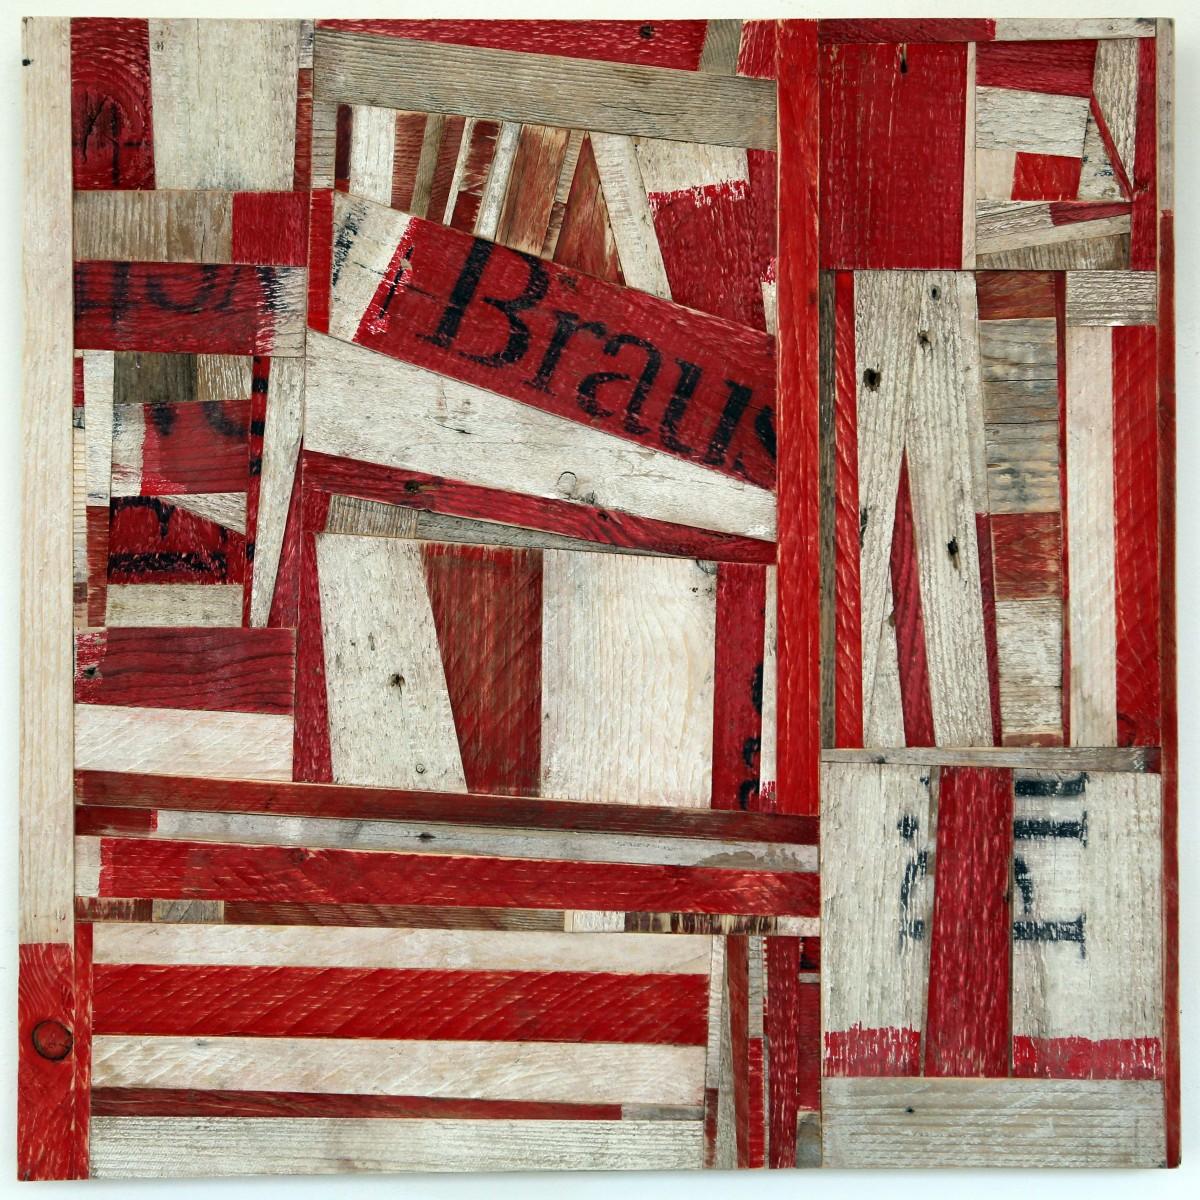 Ovidiu Anton, 130 Streifen. Christine König Galerie